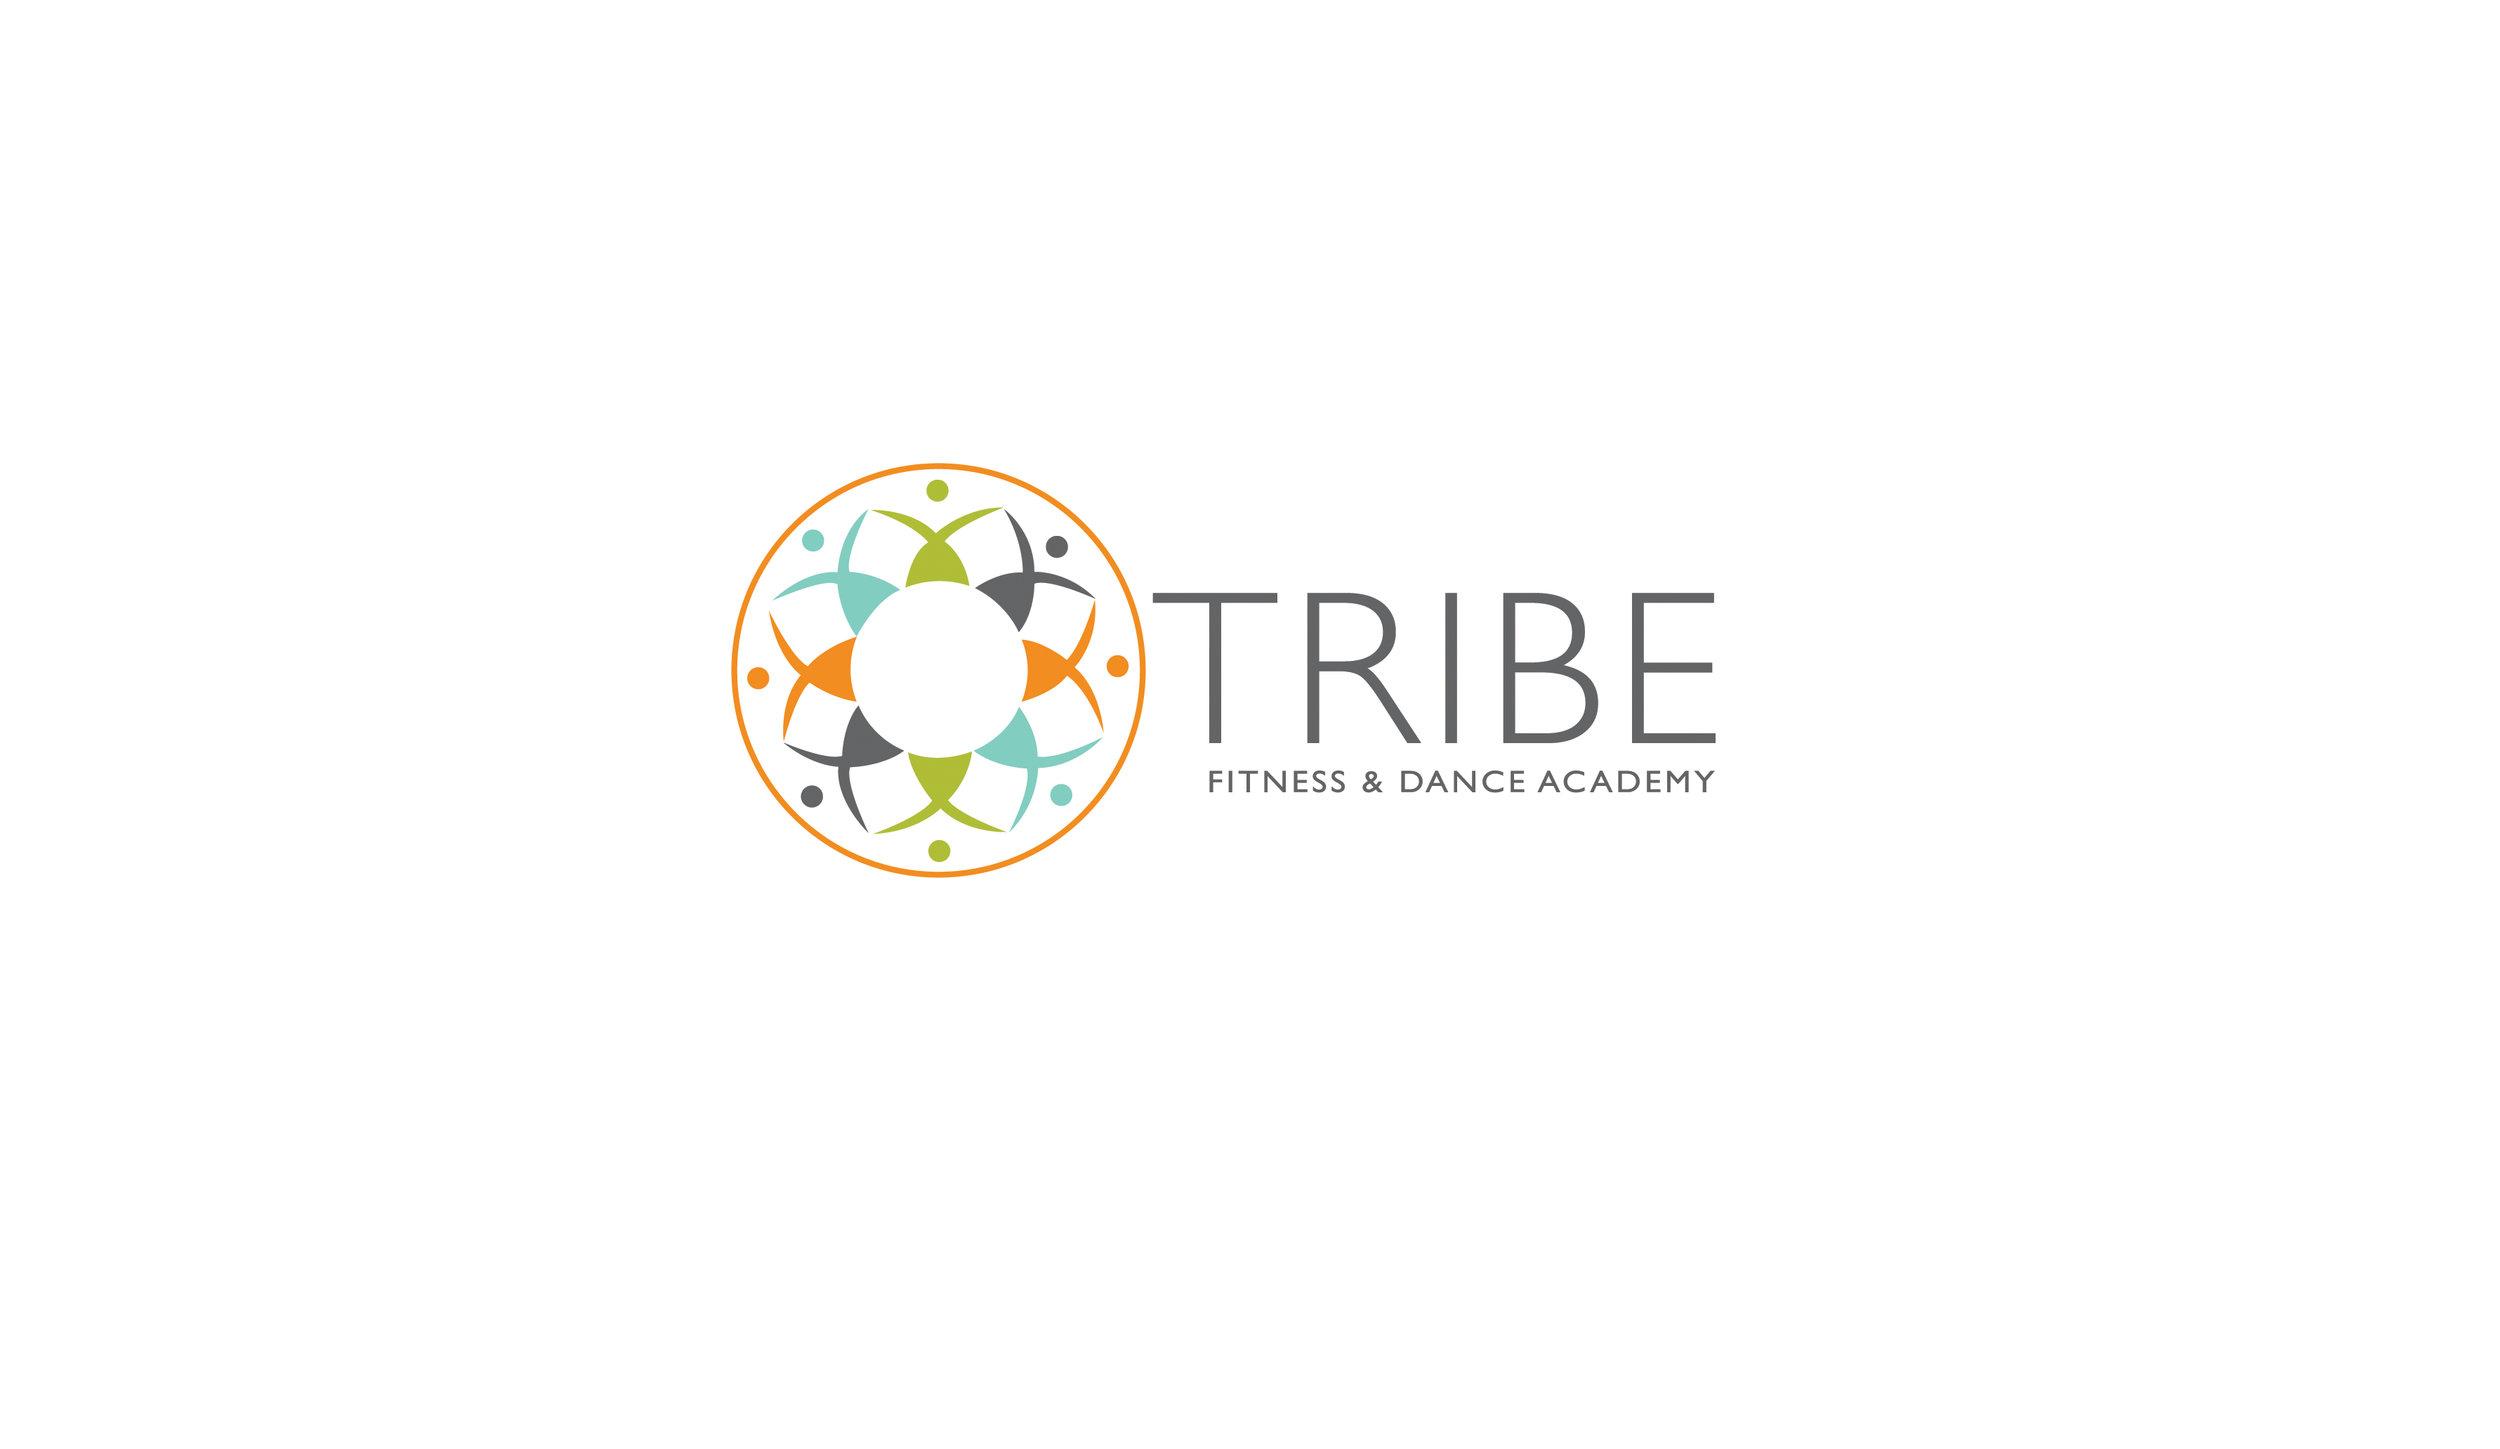 tribelogo.jpg